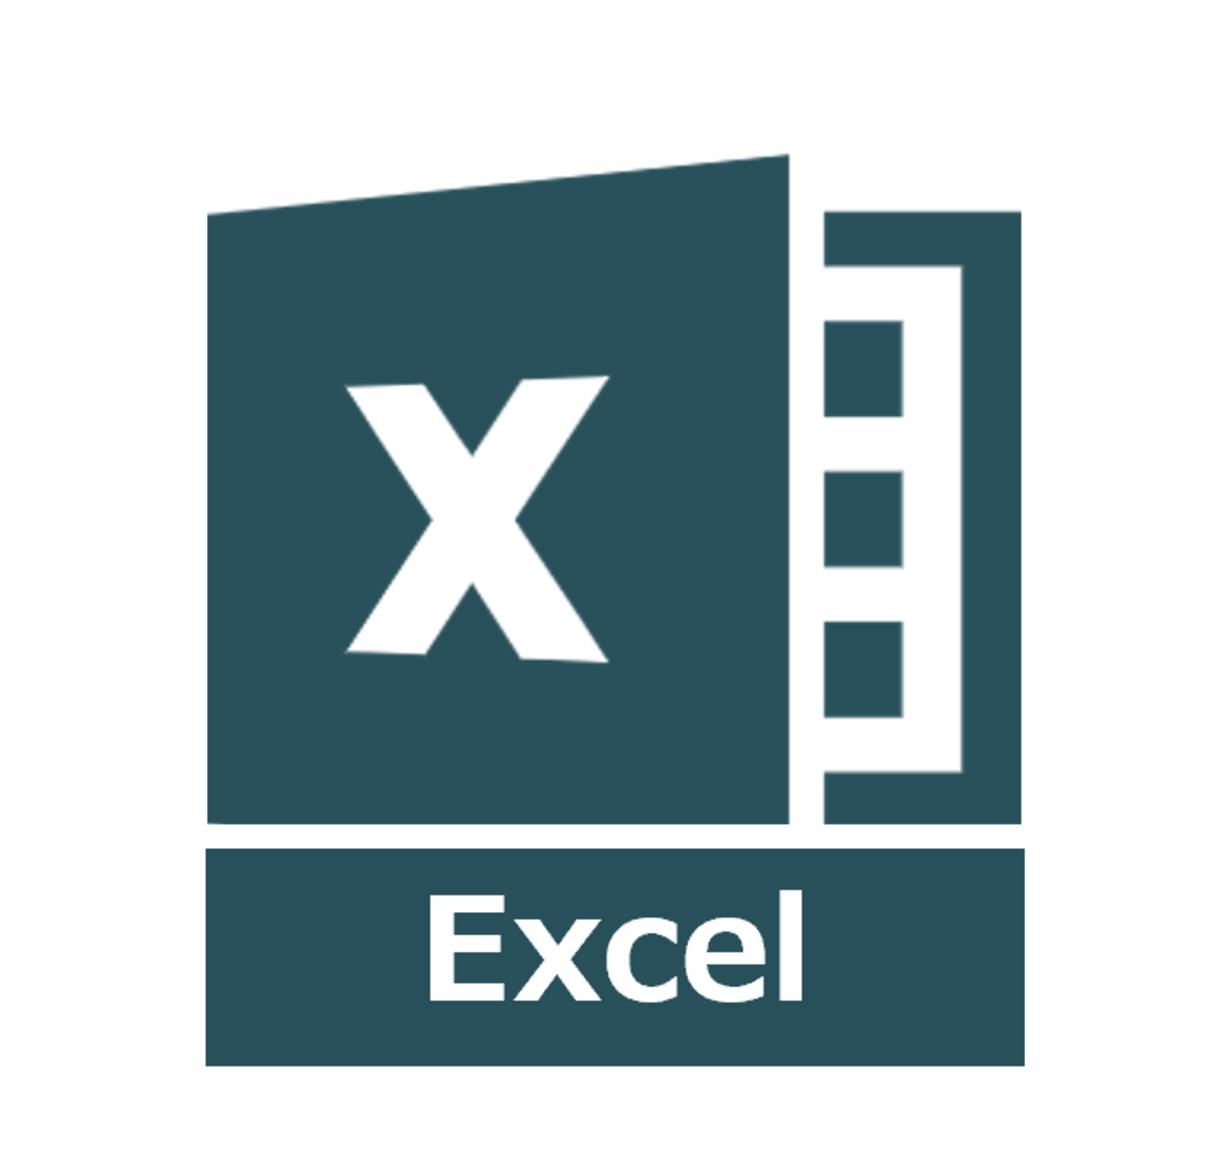 Excel全般頑張ります 事務作業であるアナログ作業を解消します! イメージ1